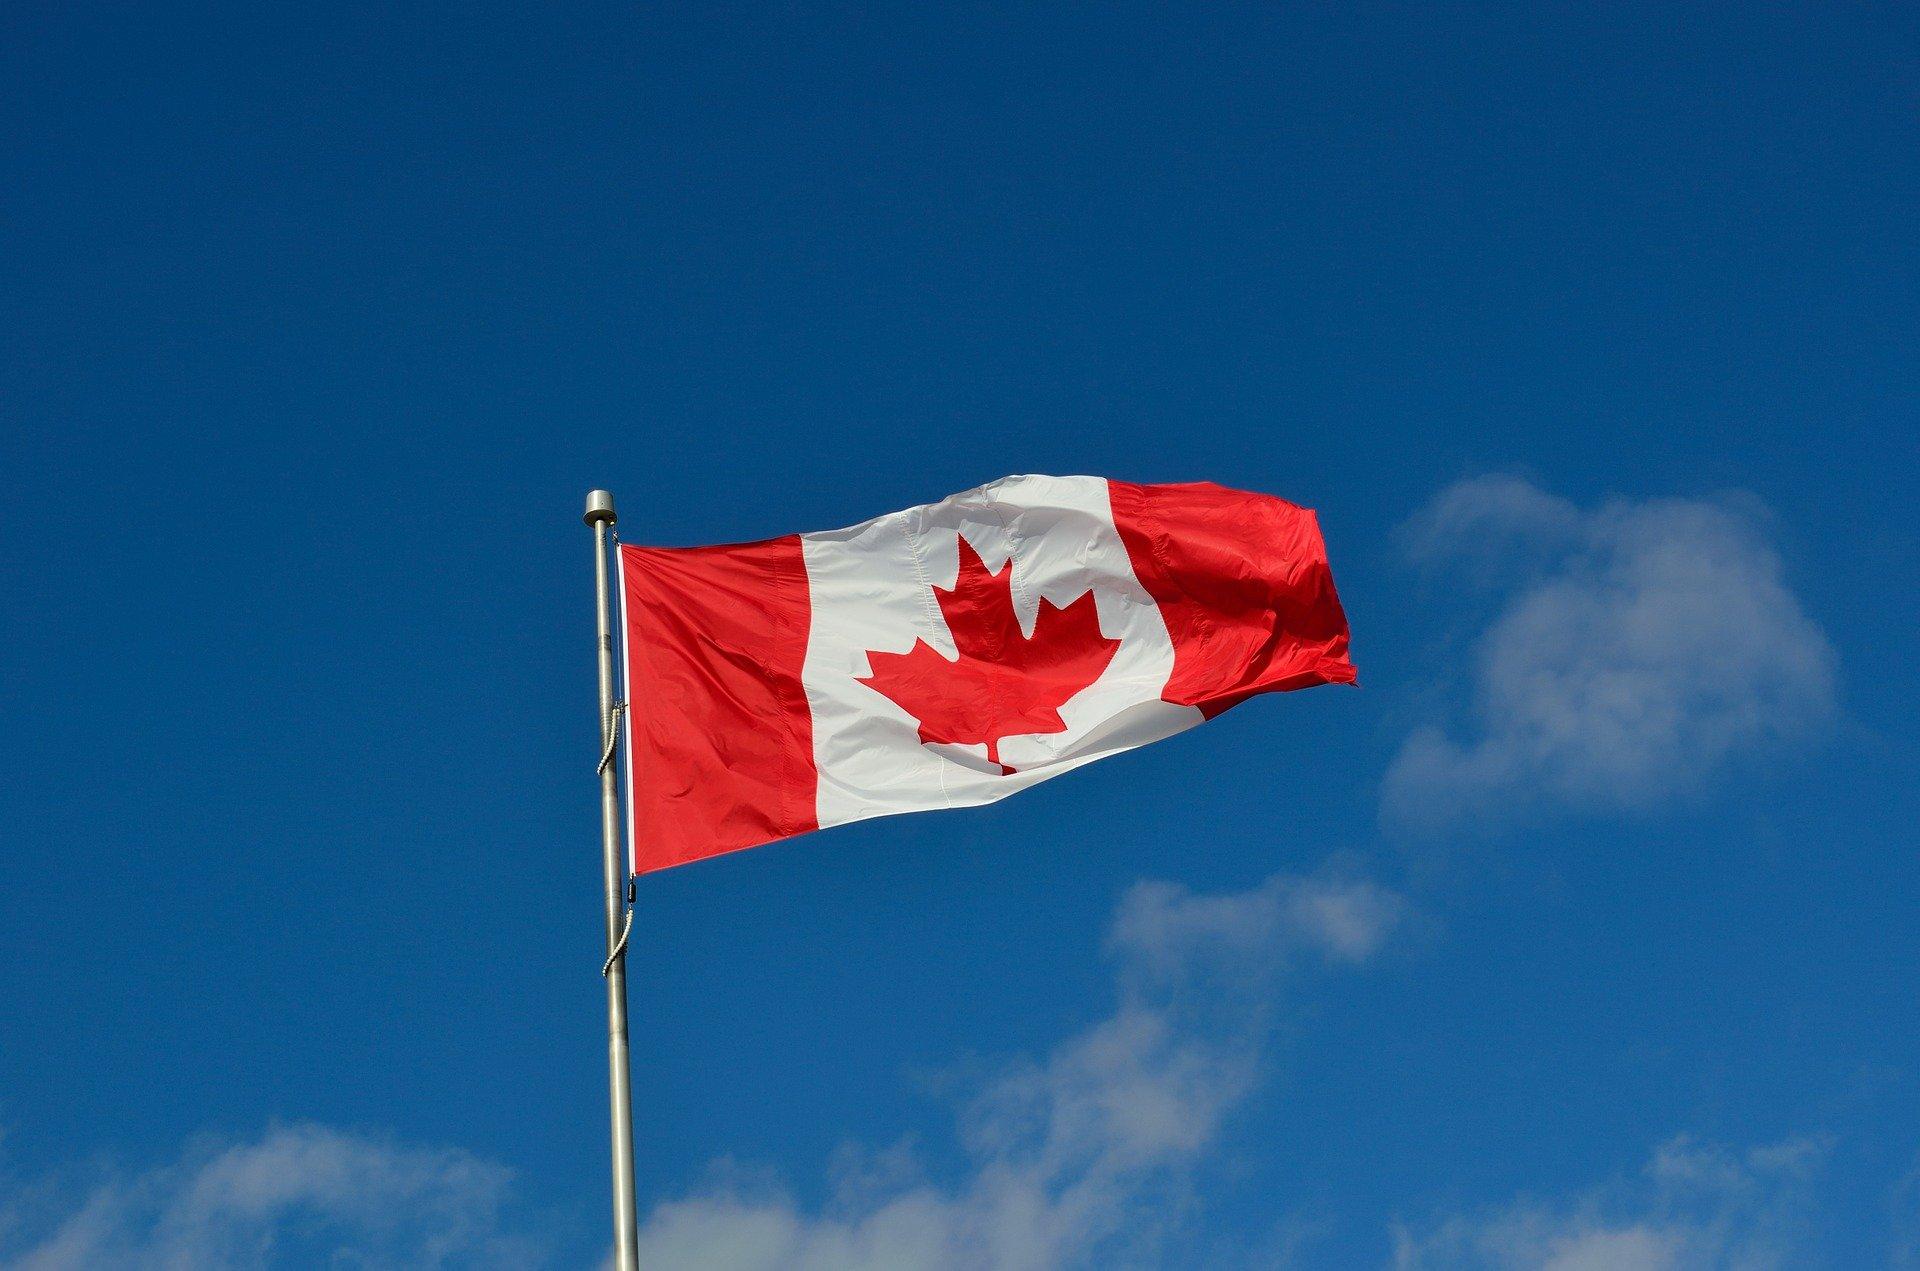 Government of Nunavut, DRG Client, Delivering Fiber Internet to Region